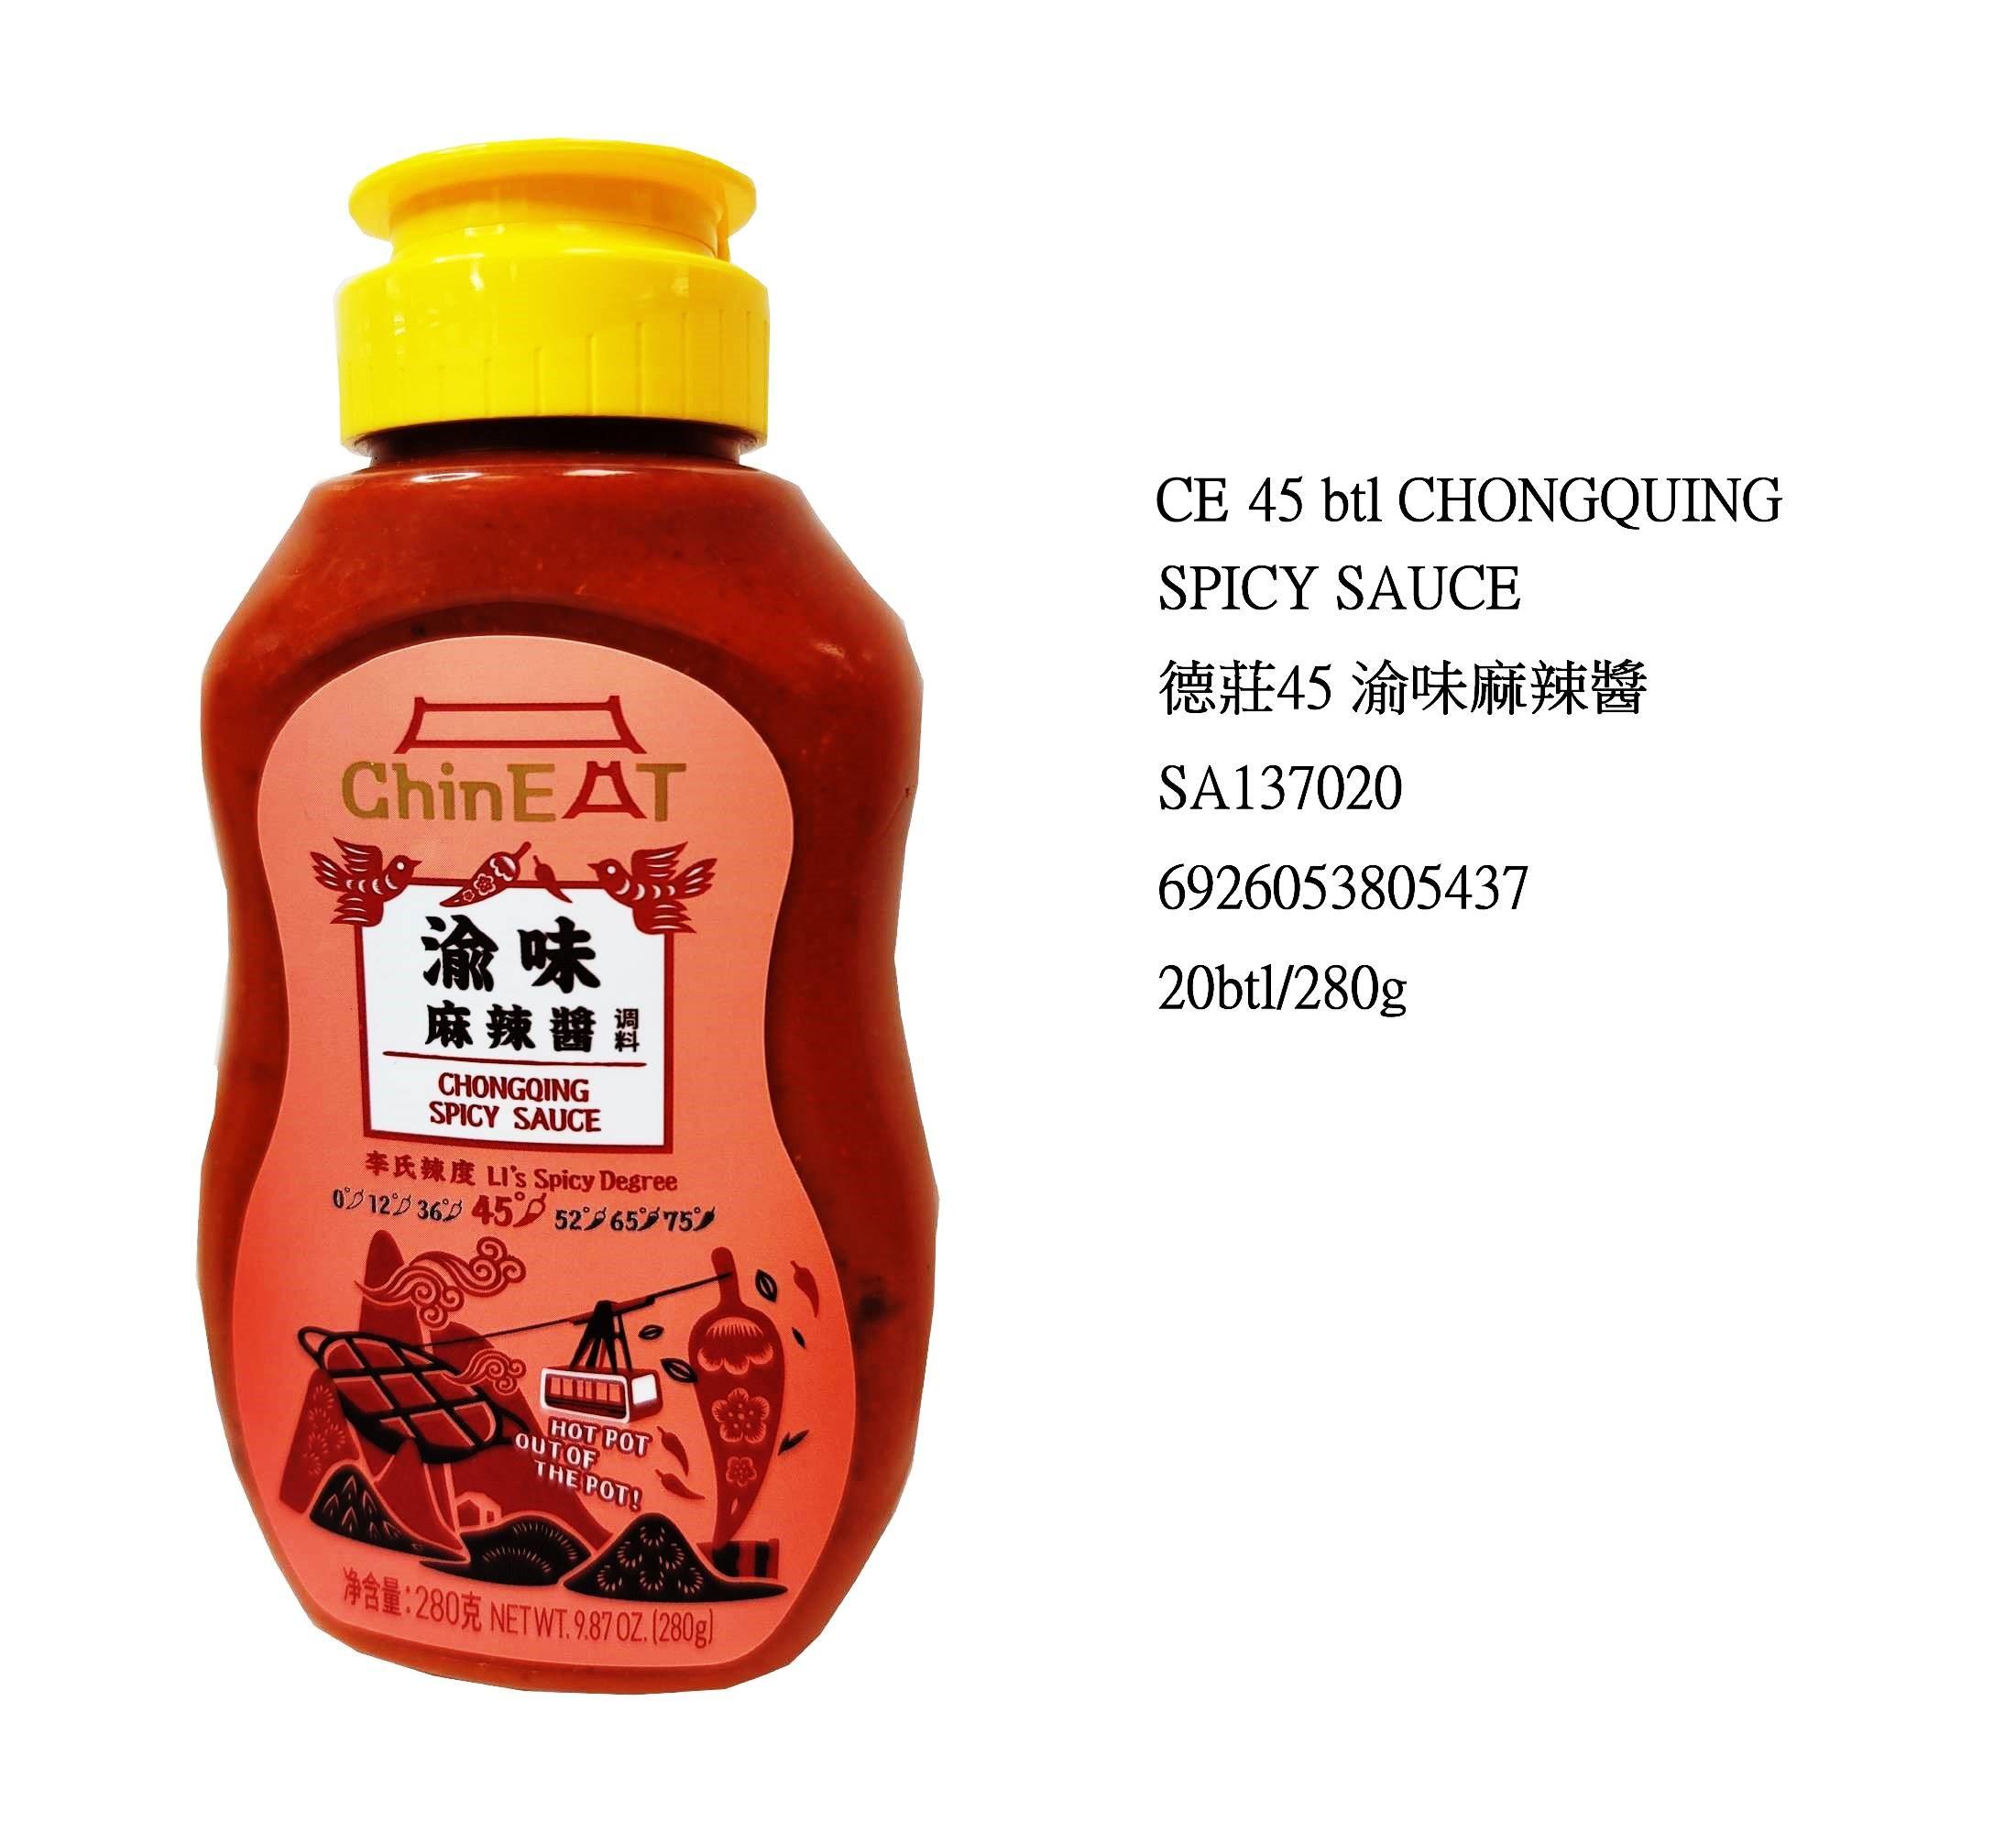 CE BTL CHONGQUING SPICY SAUCE 45° SA137020